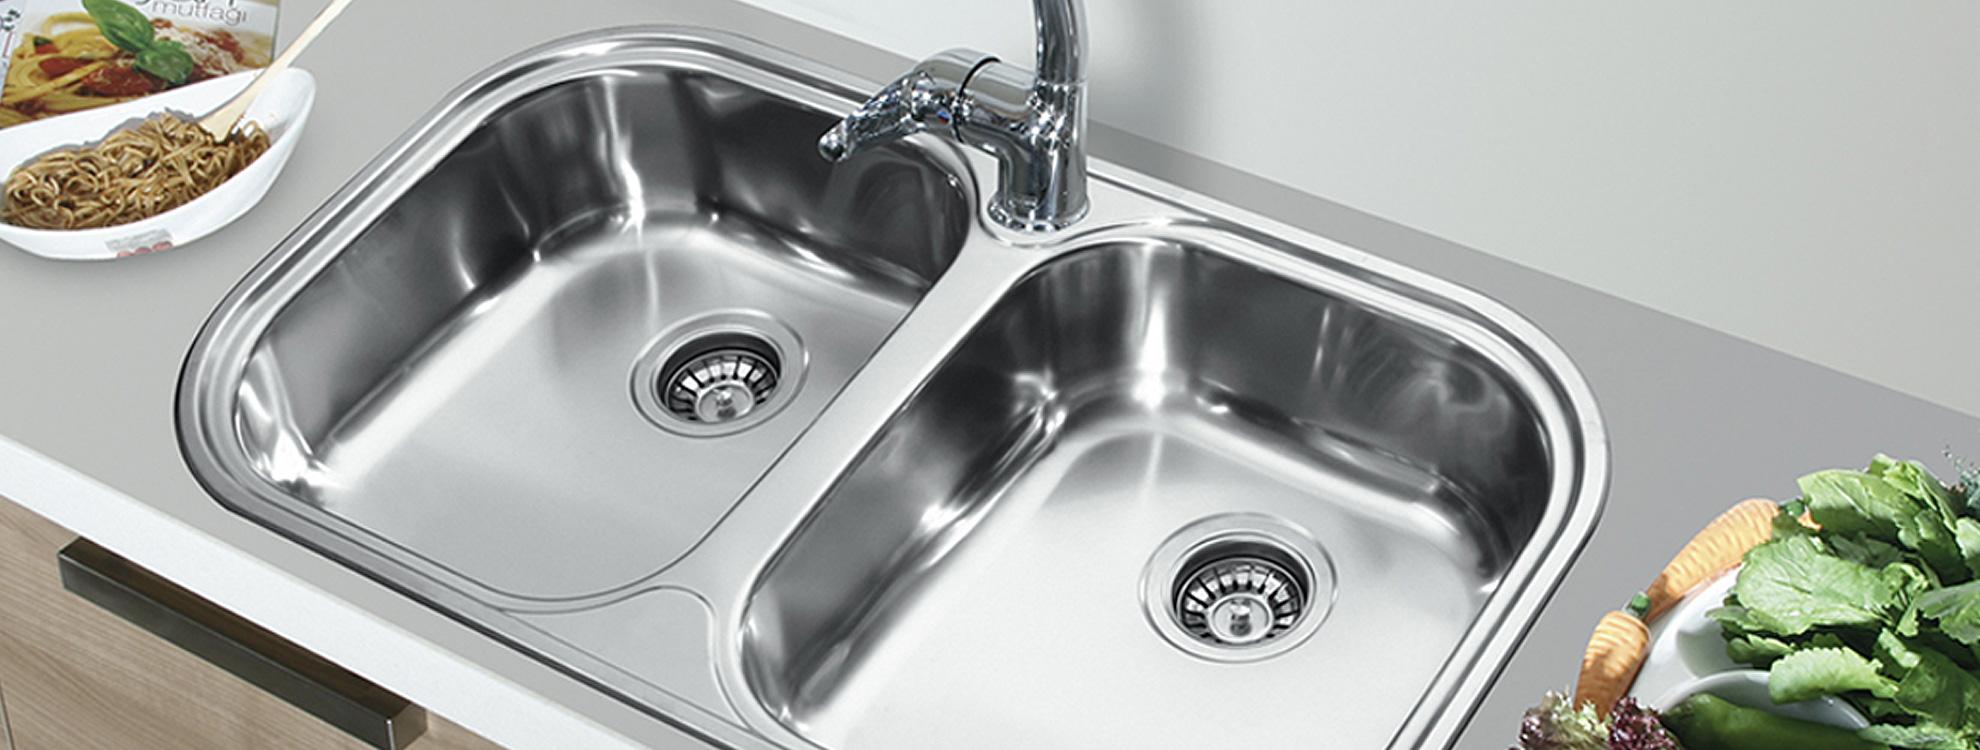 slider-sink